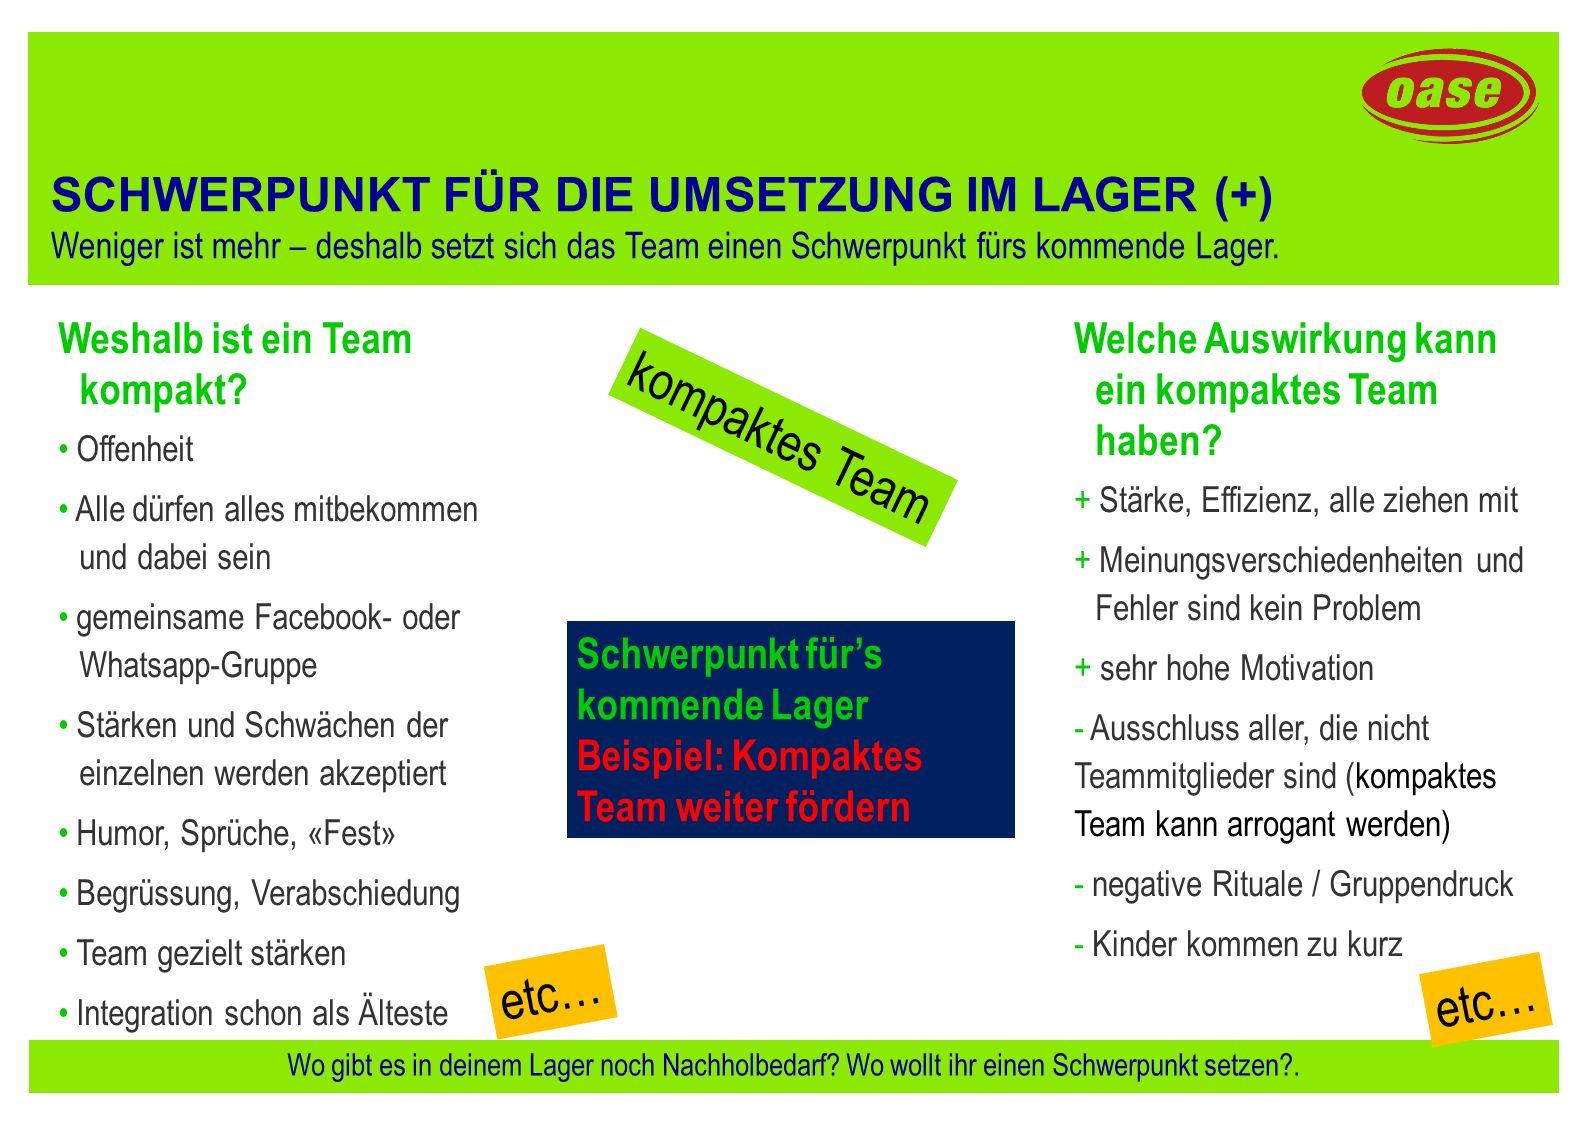 kompaktes Team etc… etc… SCHWERPUNKT FÜR DIE UMSETZUNG IM LAGER (+)